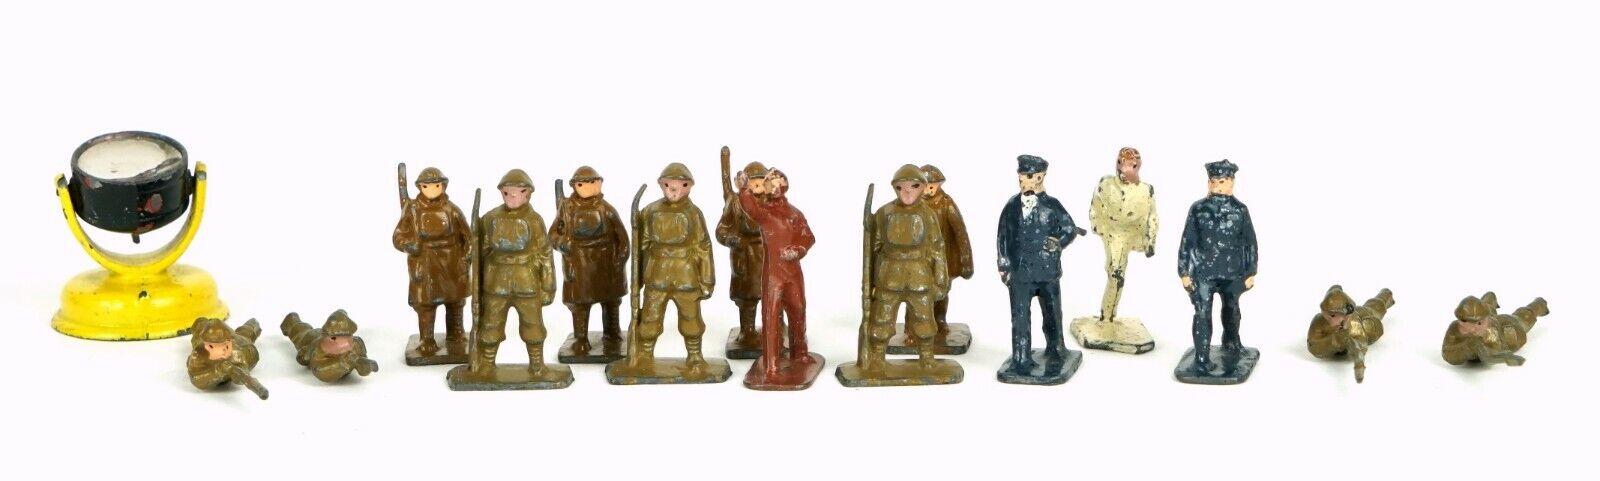 Los modelos de escala skybirds-pre-guerra Británico Ejército Militar Reflector soldado figuras